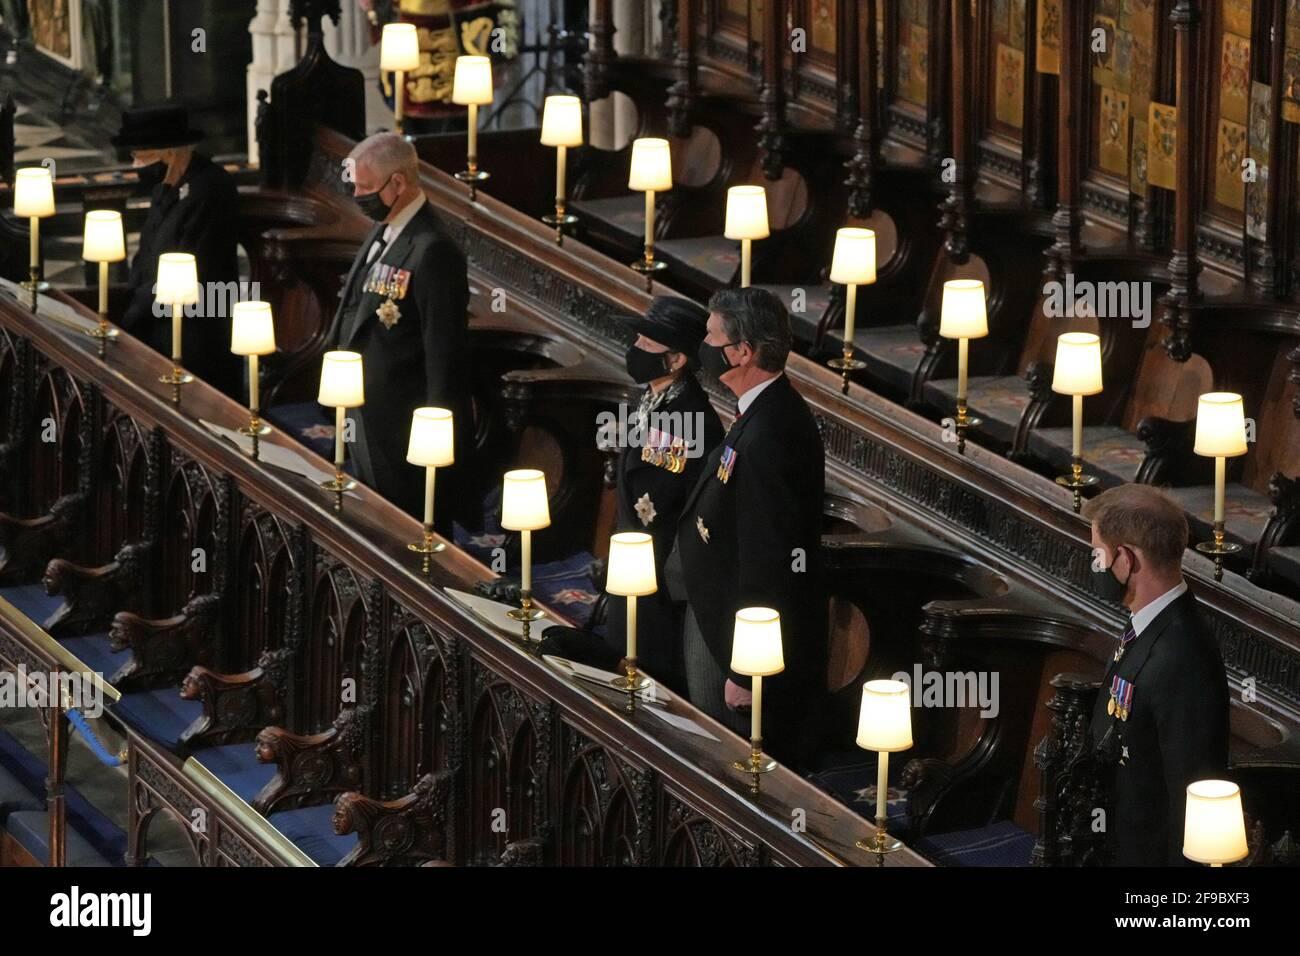 (De gauche à droite) la reine Elizabeth II , le duc d'York, la princesse royale, le vice-amiral Sir Timothy Laurence et le duc de Sussex pendant les funérailles du duc d'Édimbourg dans la chapelle Saint-Georges, château de Windsor, Berkshire. Date de la photo: Samedi 17 avril 2021. Banque D'Images